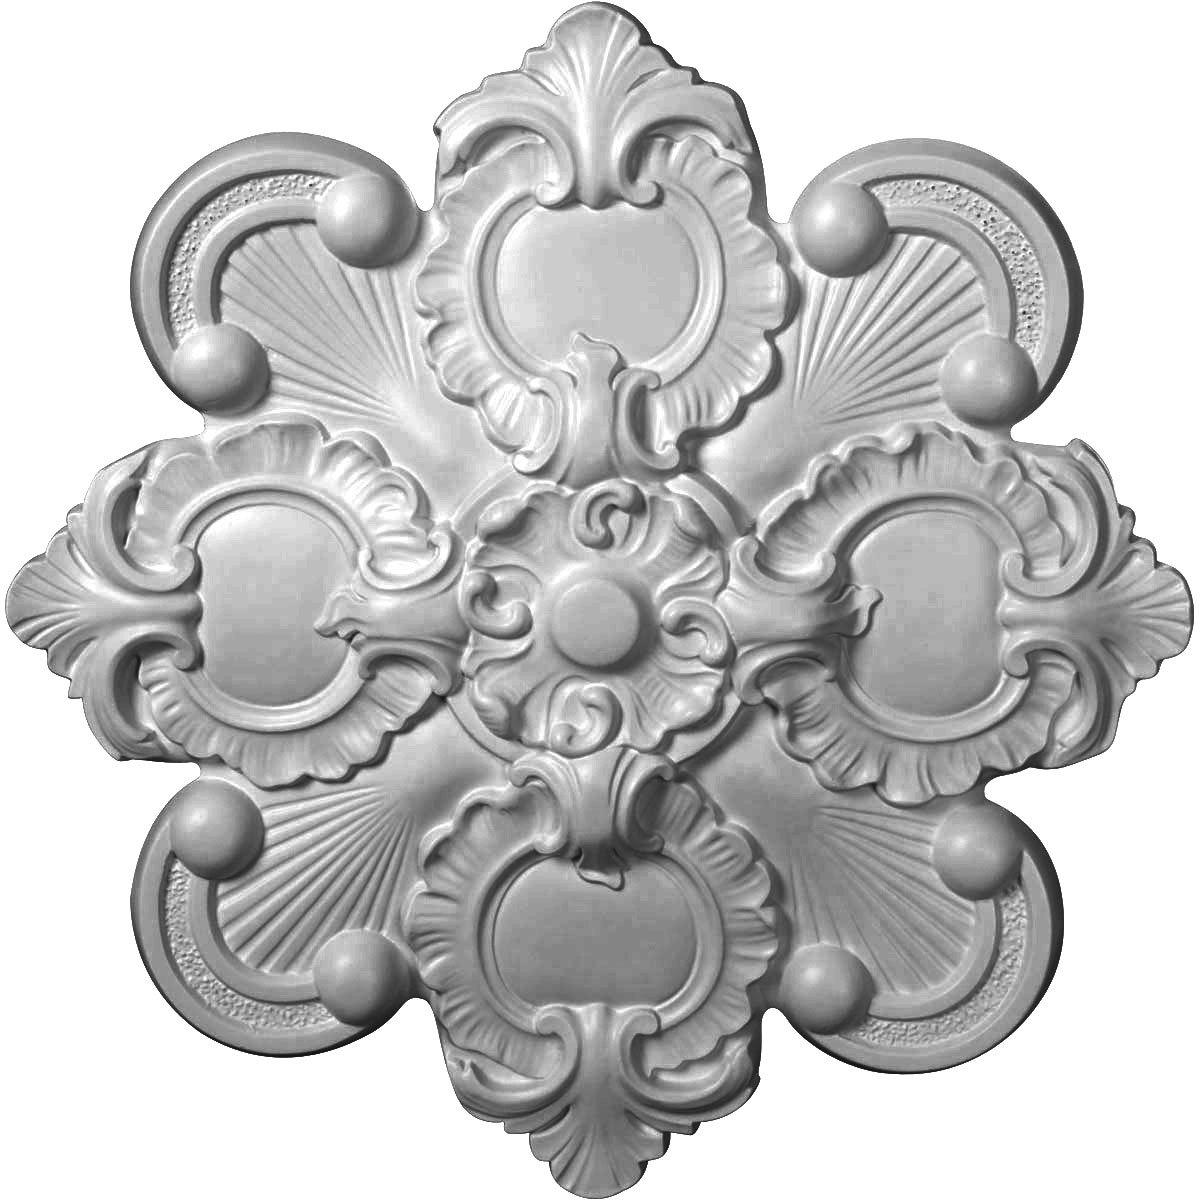 Ekena Millwork CM18KA 18 1/8-Inch OD x 1 1/2-Inch ID x 1 1/4-Inch Katheryn Ceiling Medallion